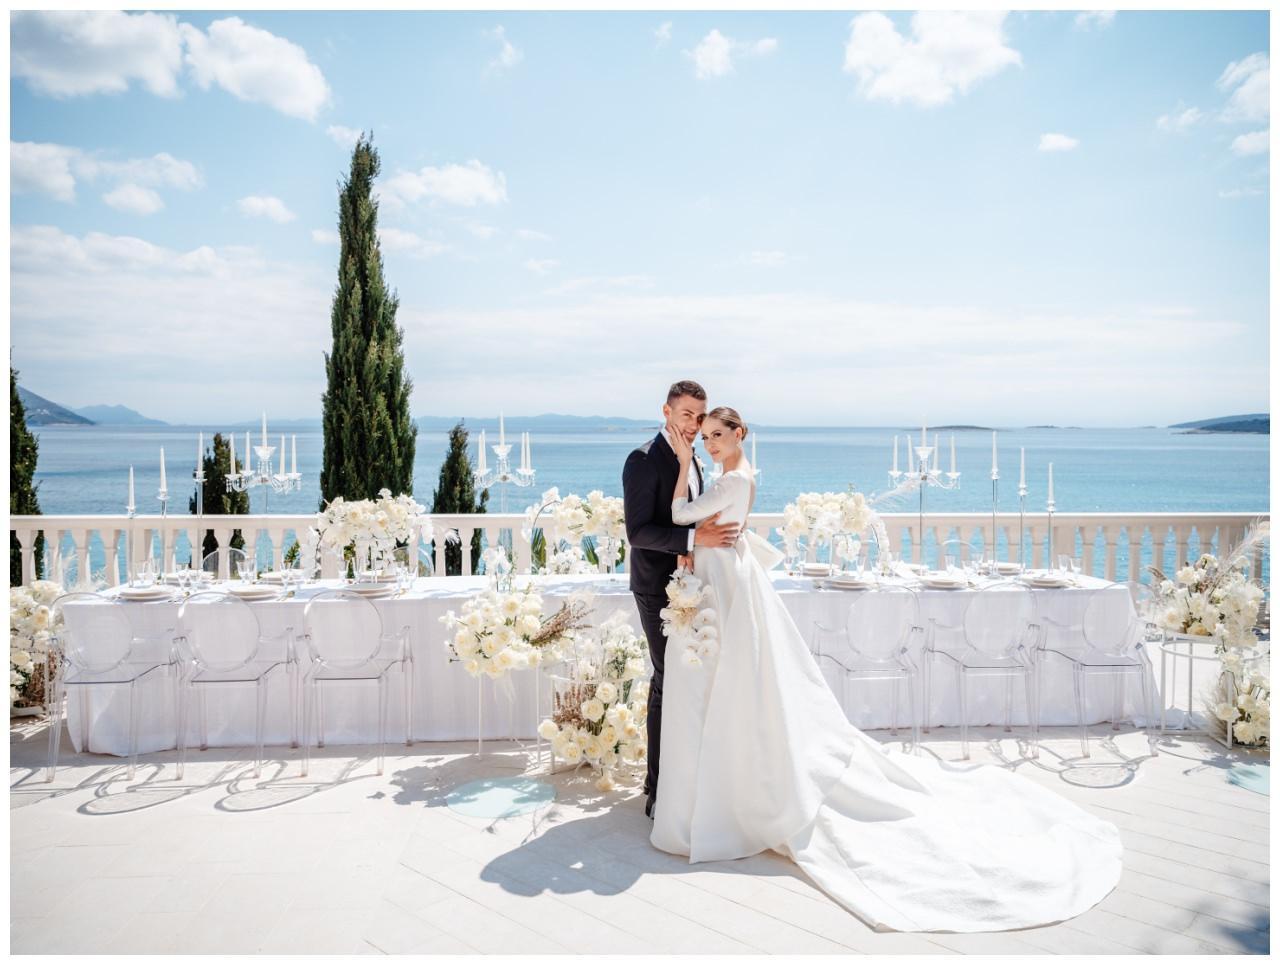 Hochzeit Kroatien Hochzeitsplanung Hochzeitsplaner Fotograf 25 - Blog